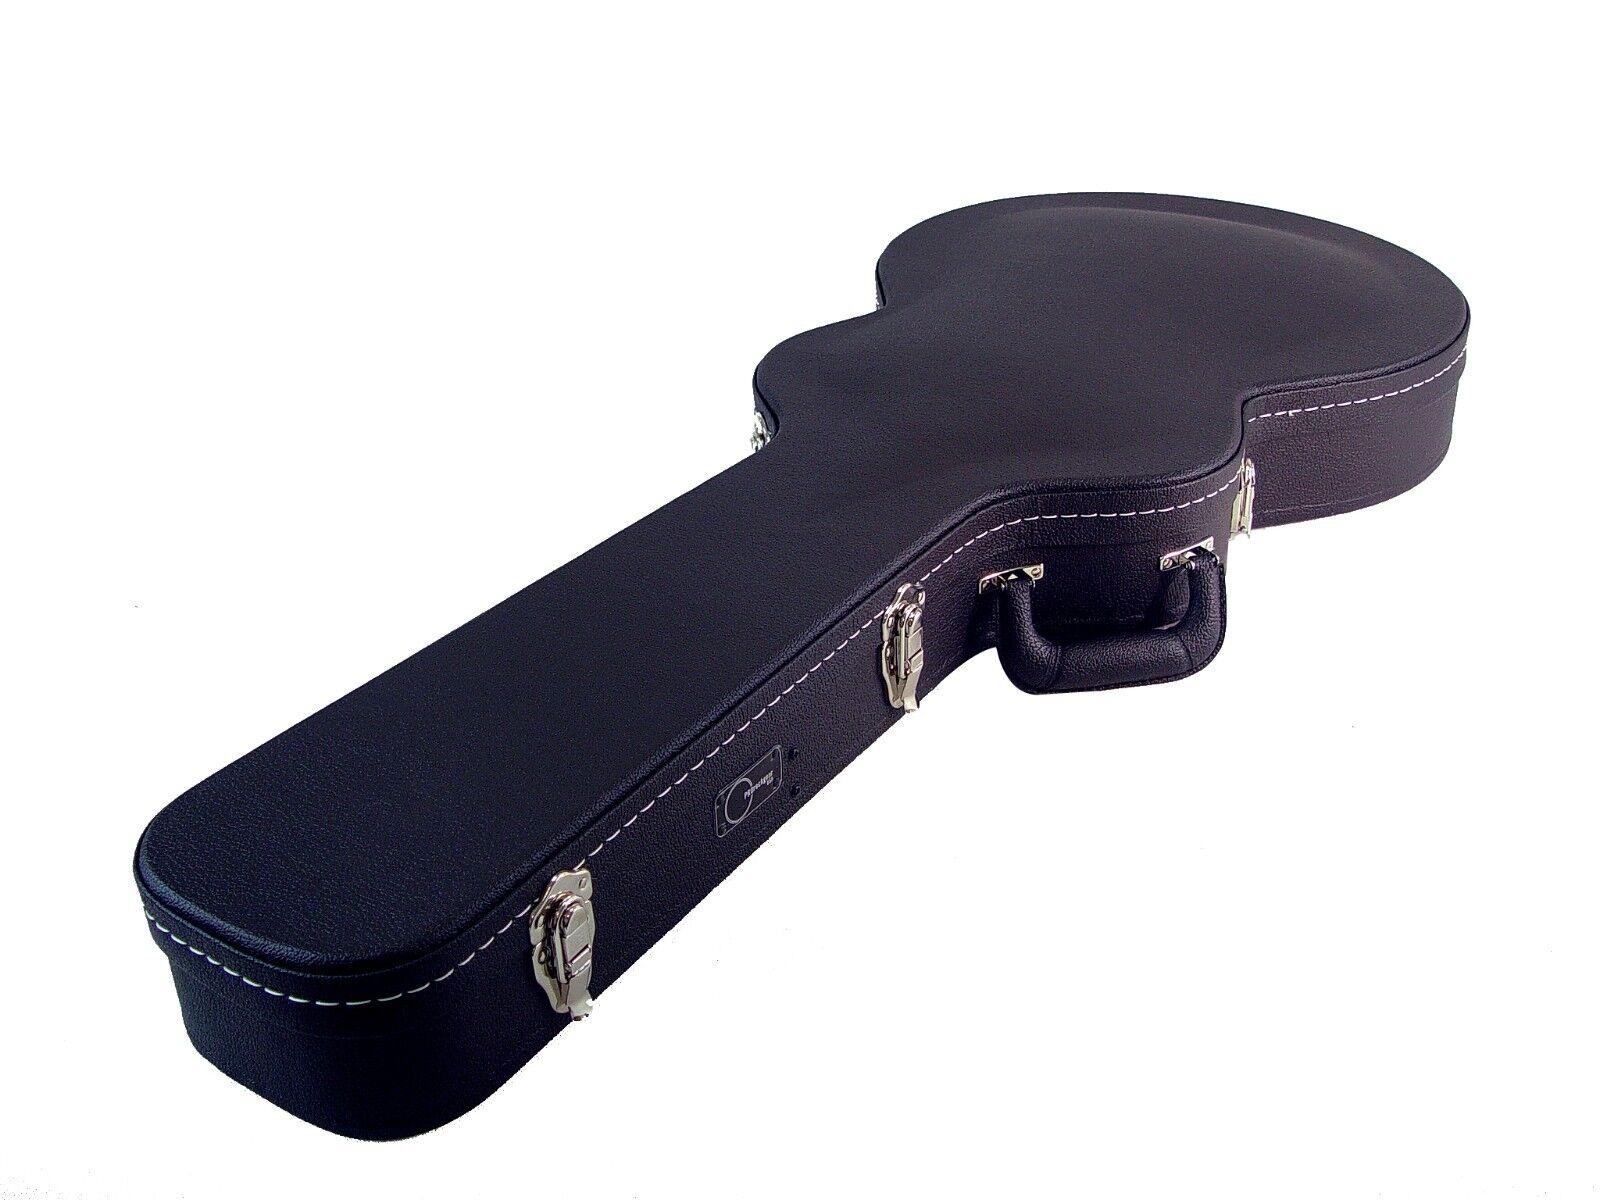 как выглядит Чехол, футляр, кейс для гитары ProRockGear Artist Series 335 Style Guitar Case фото